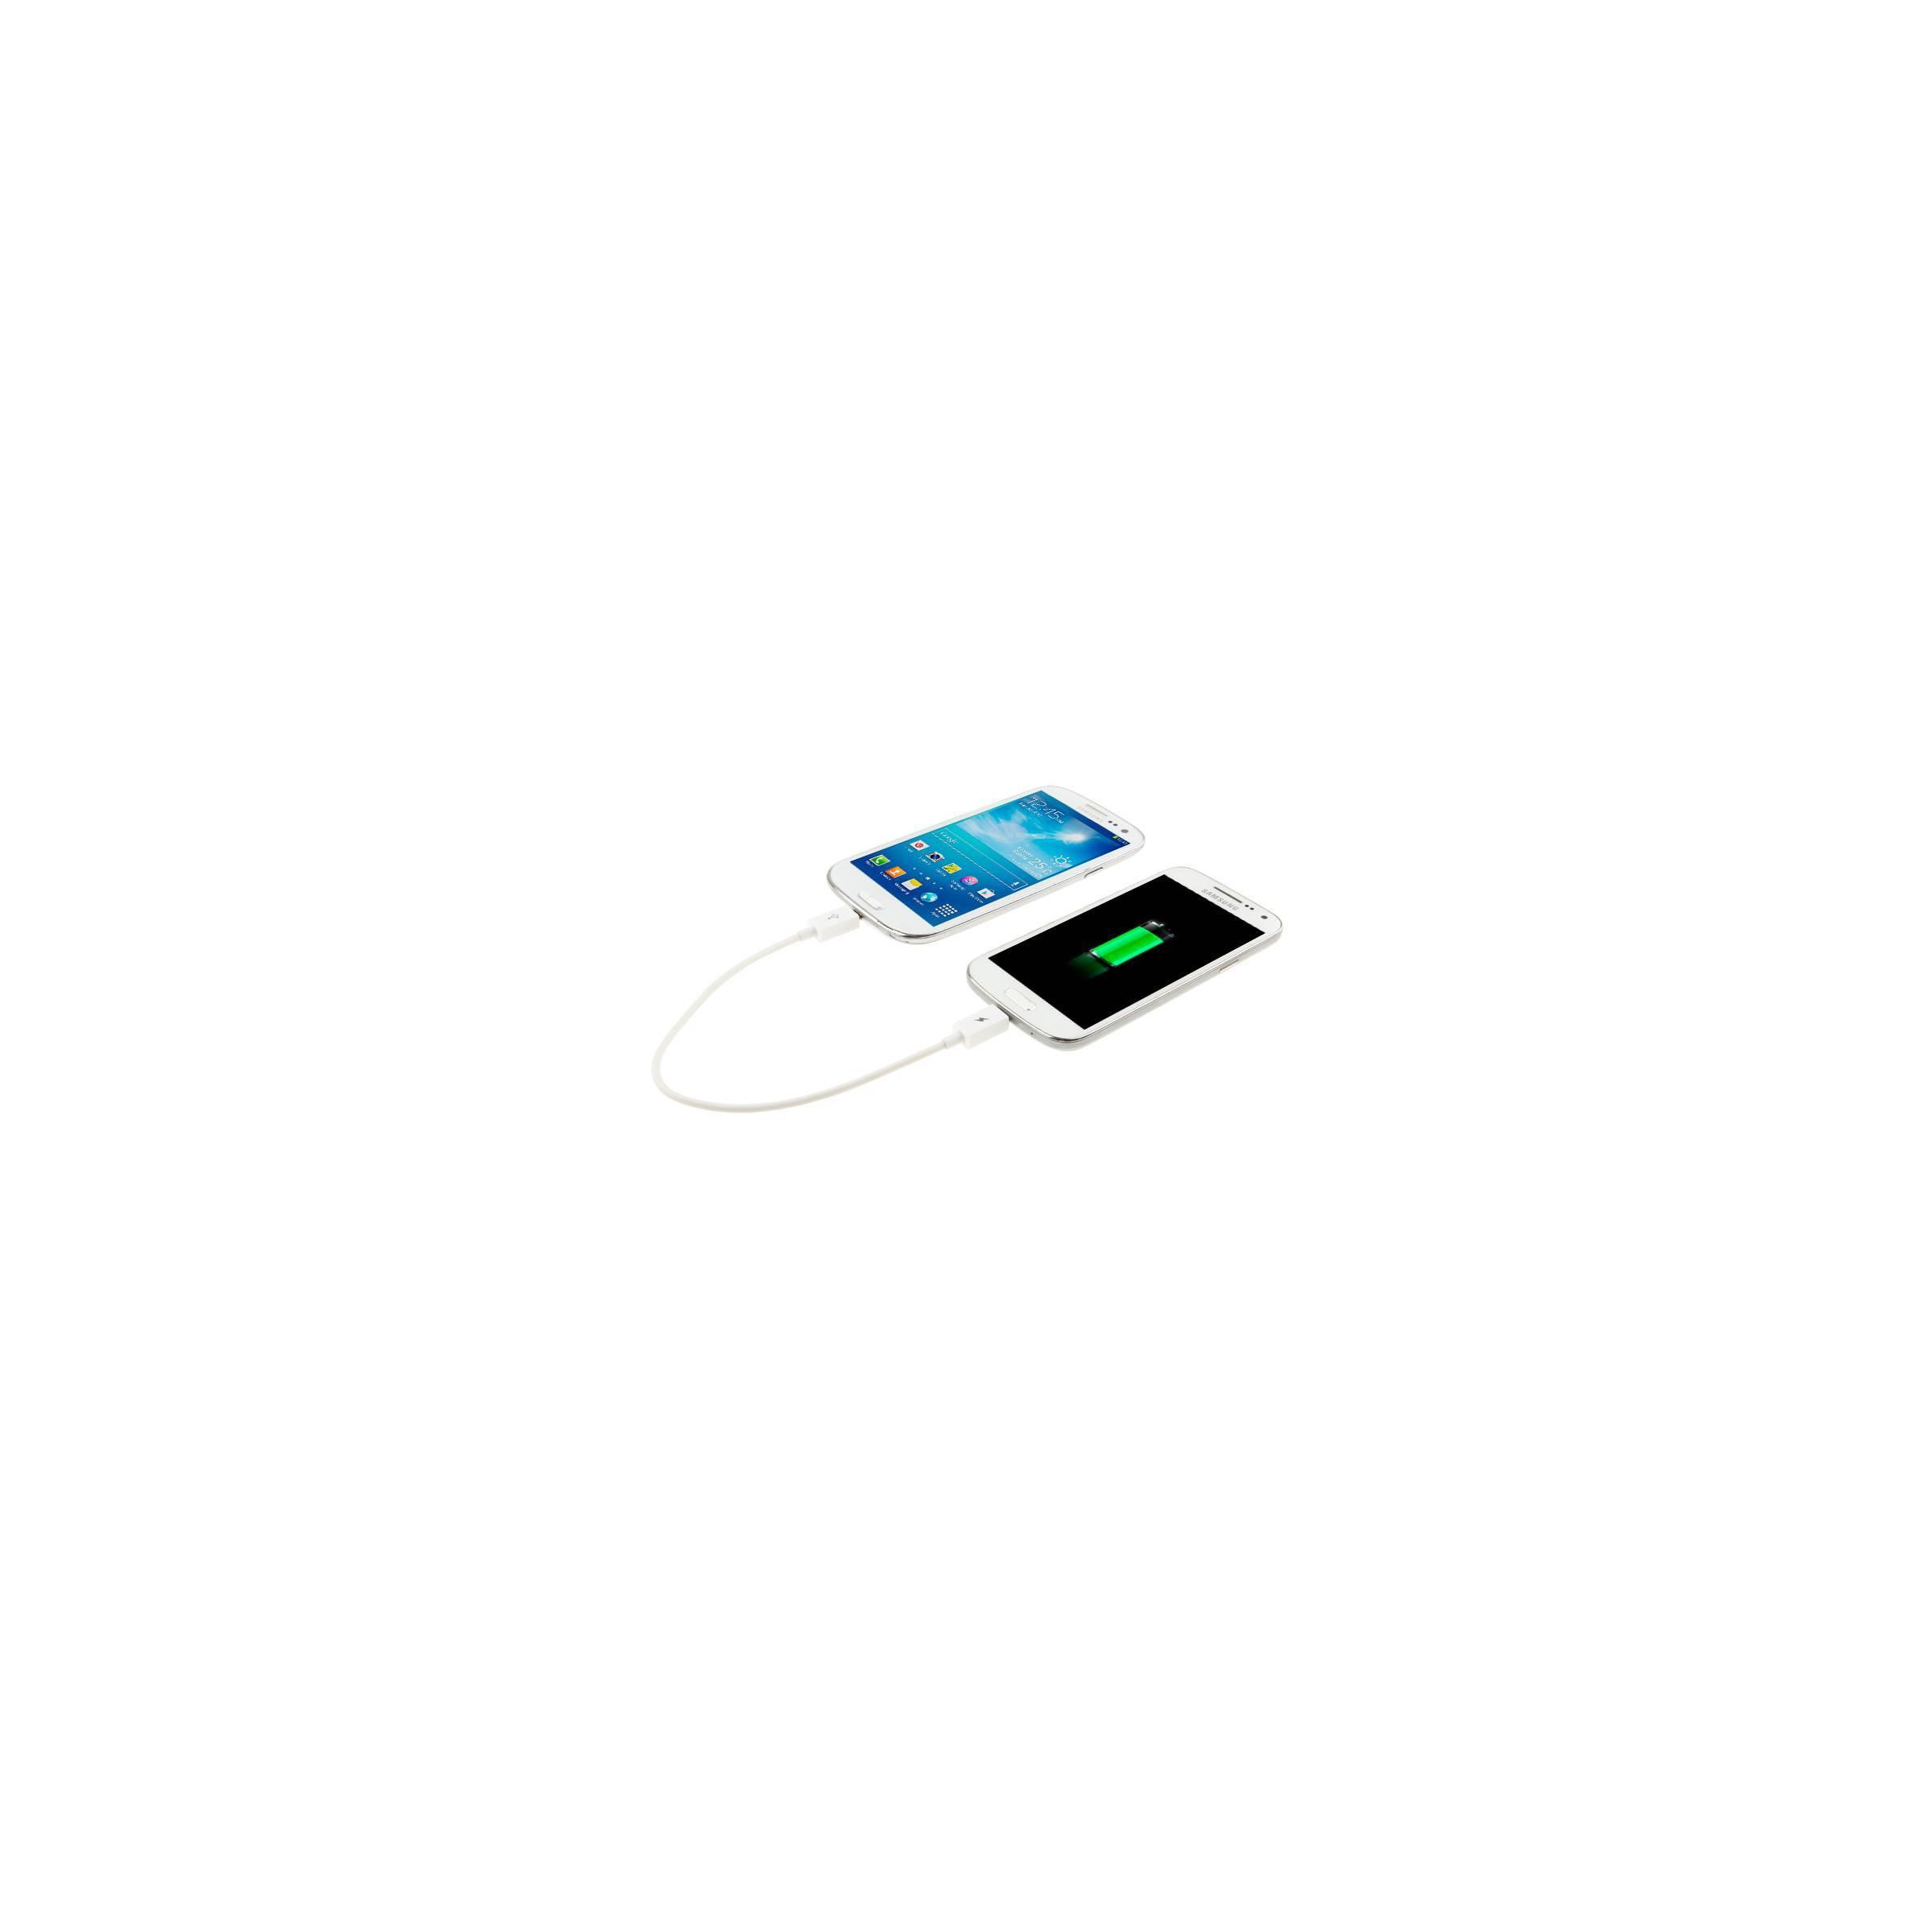 kina oem – Micro usb til micro usb kabel på 20cm fra mackabler.dk